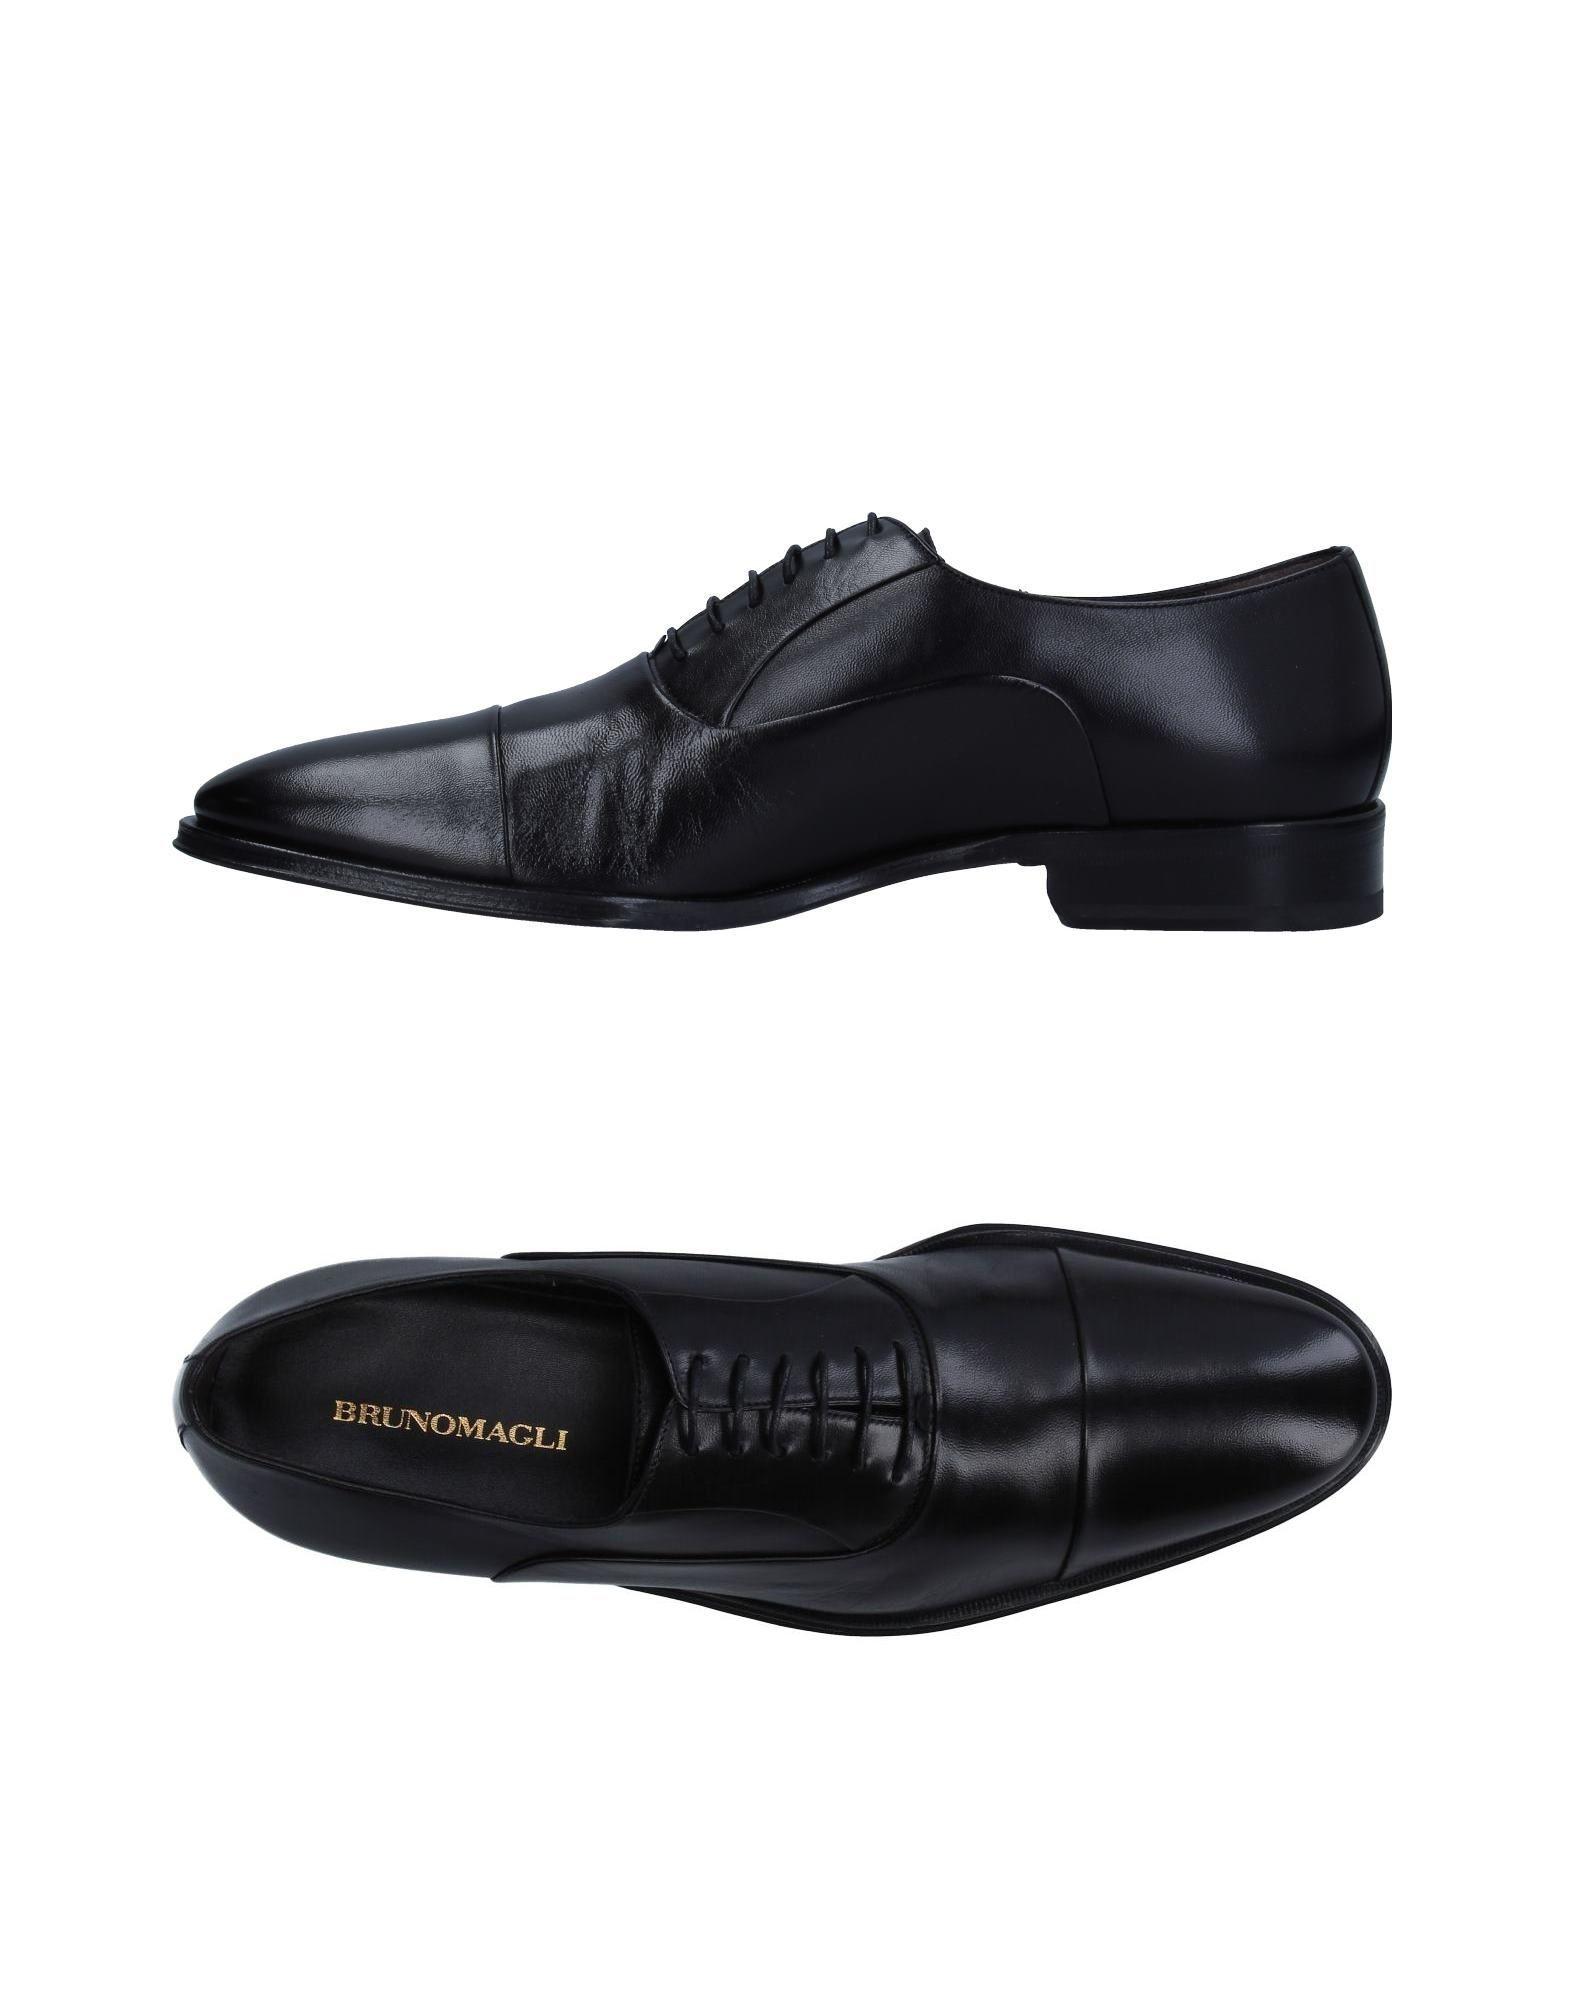 Bruno Magli Schnürschuhe Herren  11333853UK Gute Qualität beliebte Schuhe